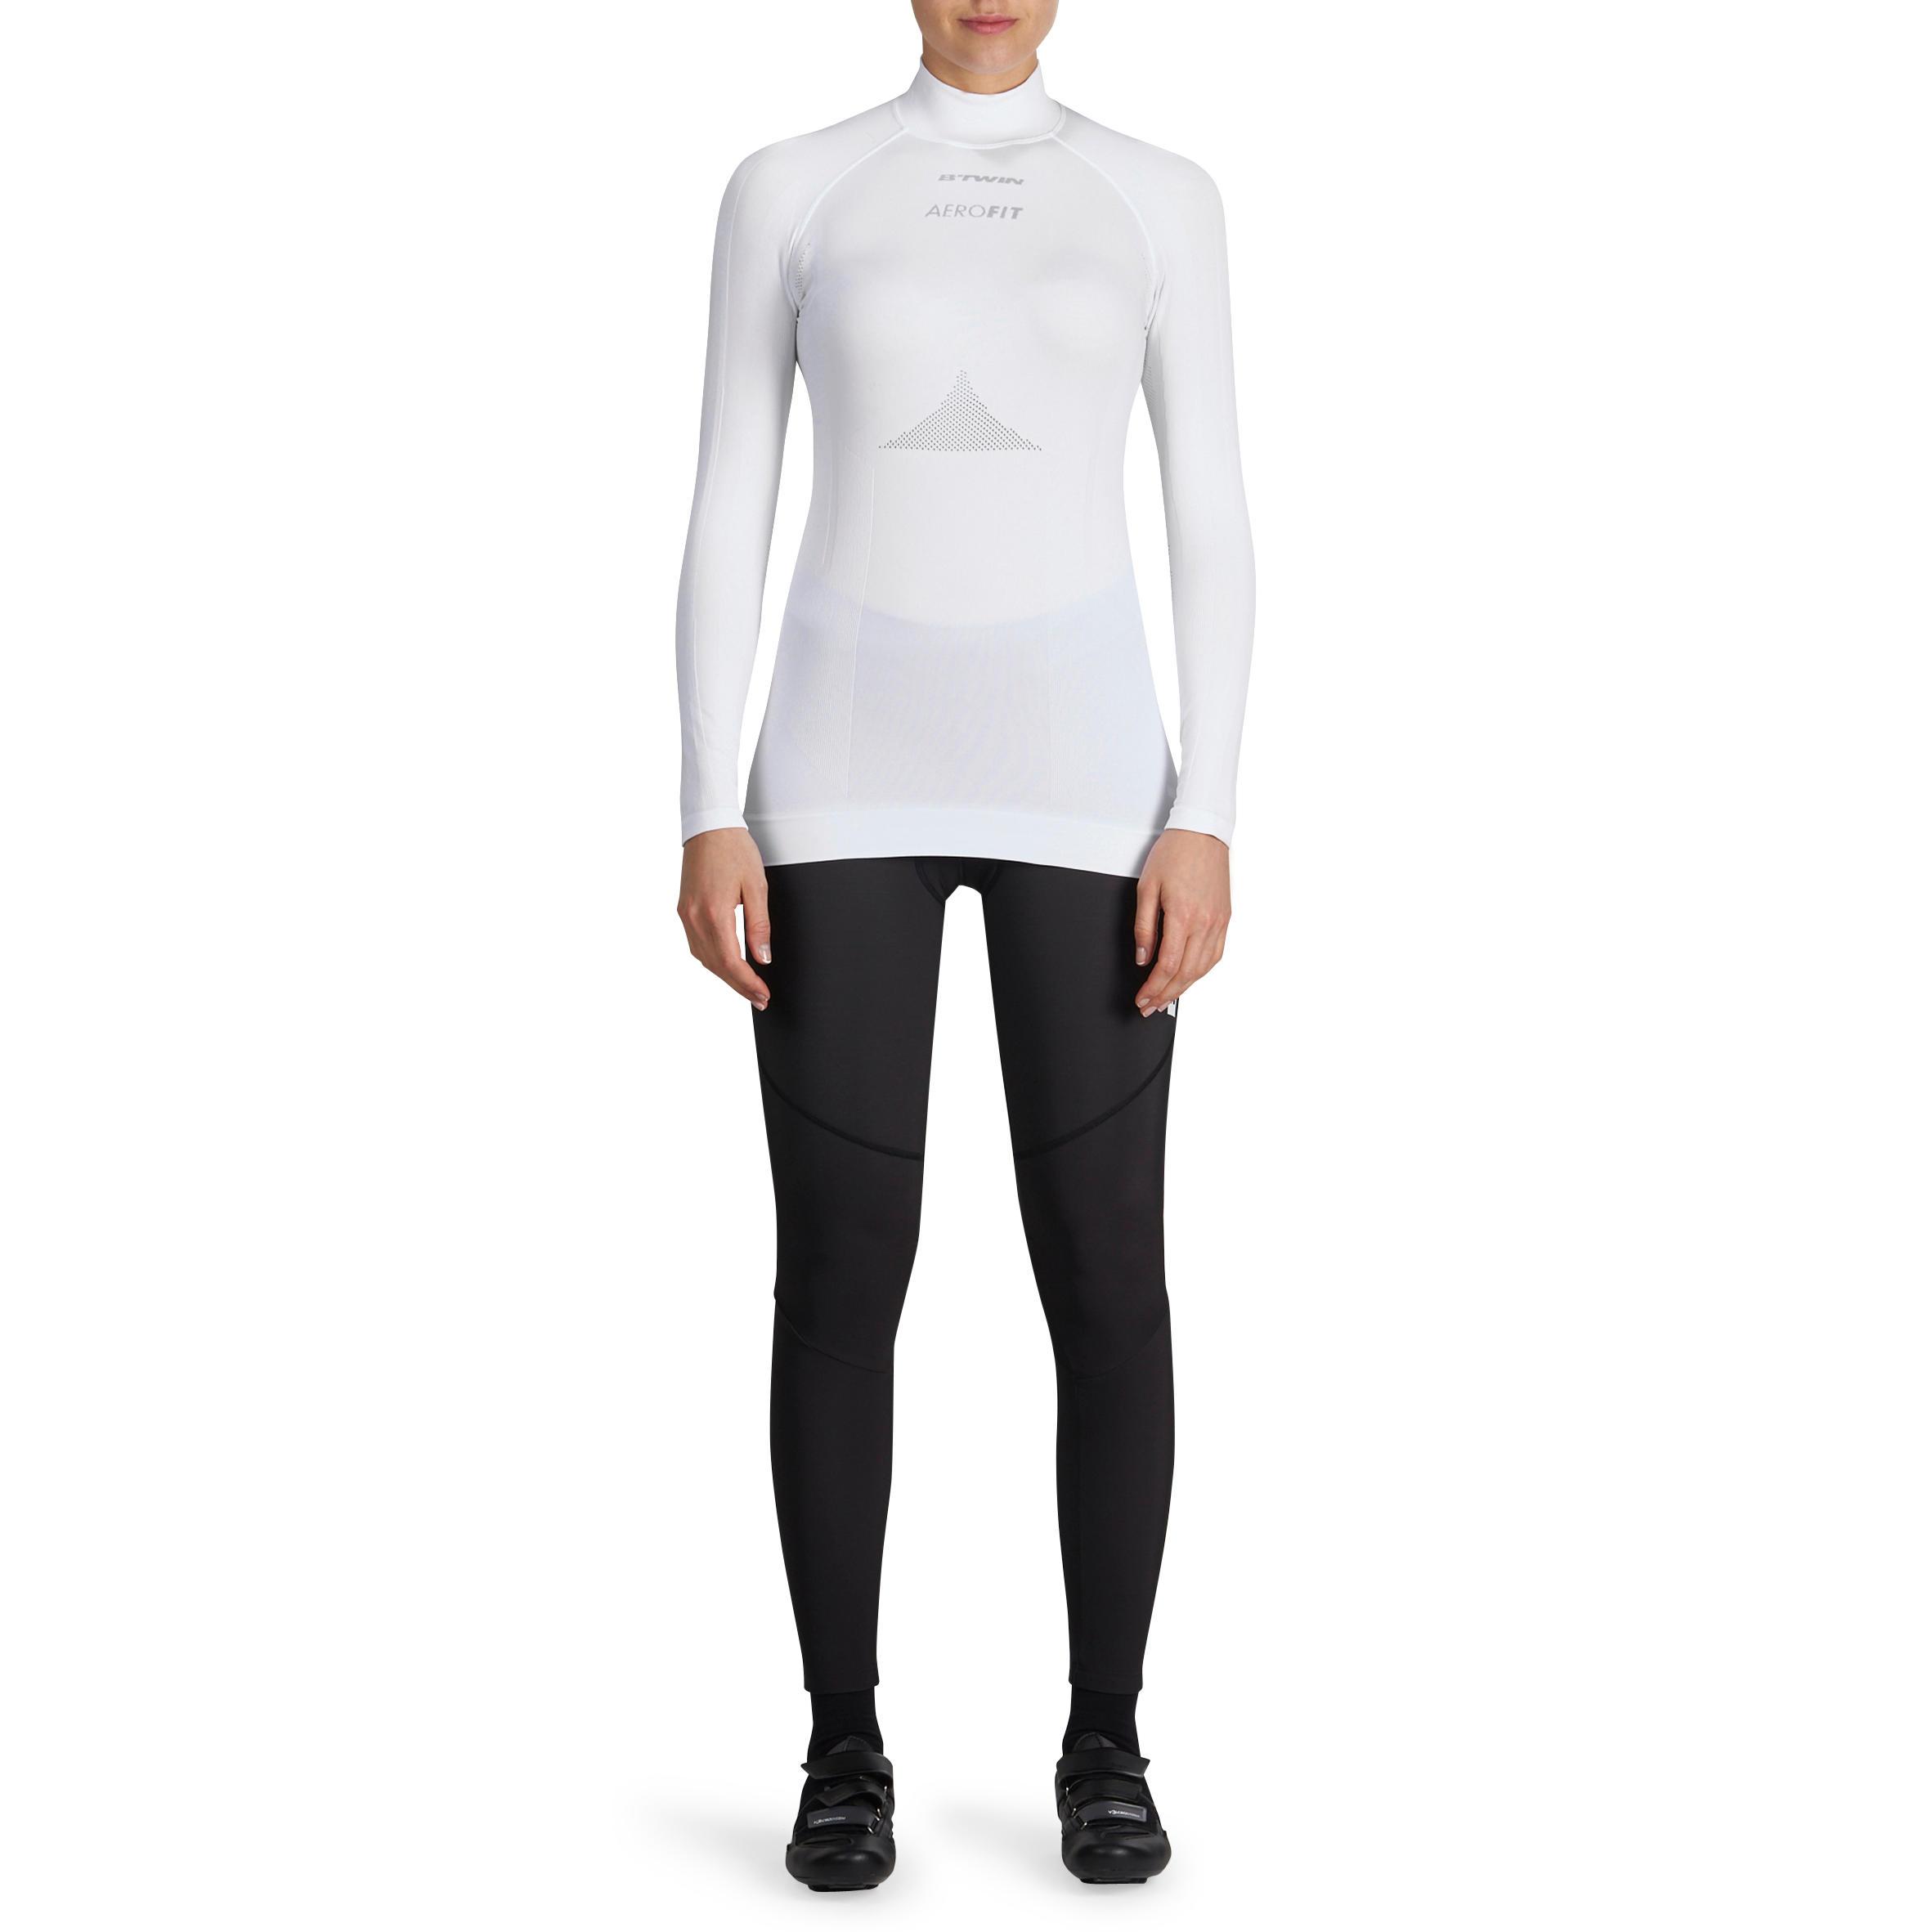 Sous-vêtement à manches longues cyclosport femme blanc